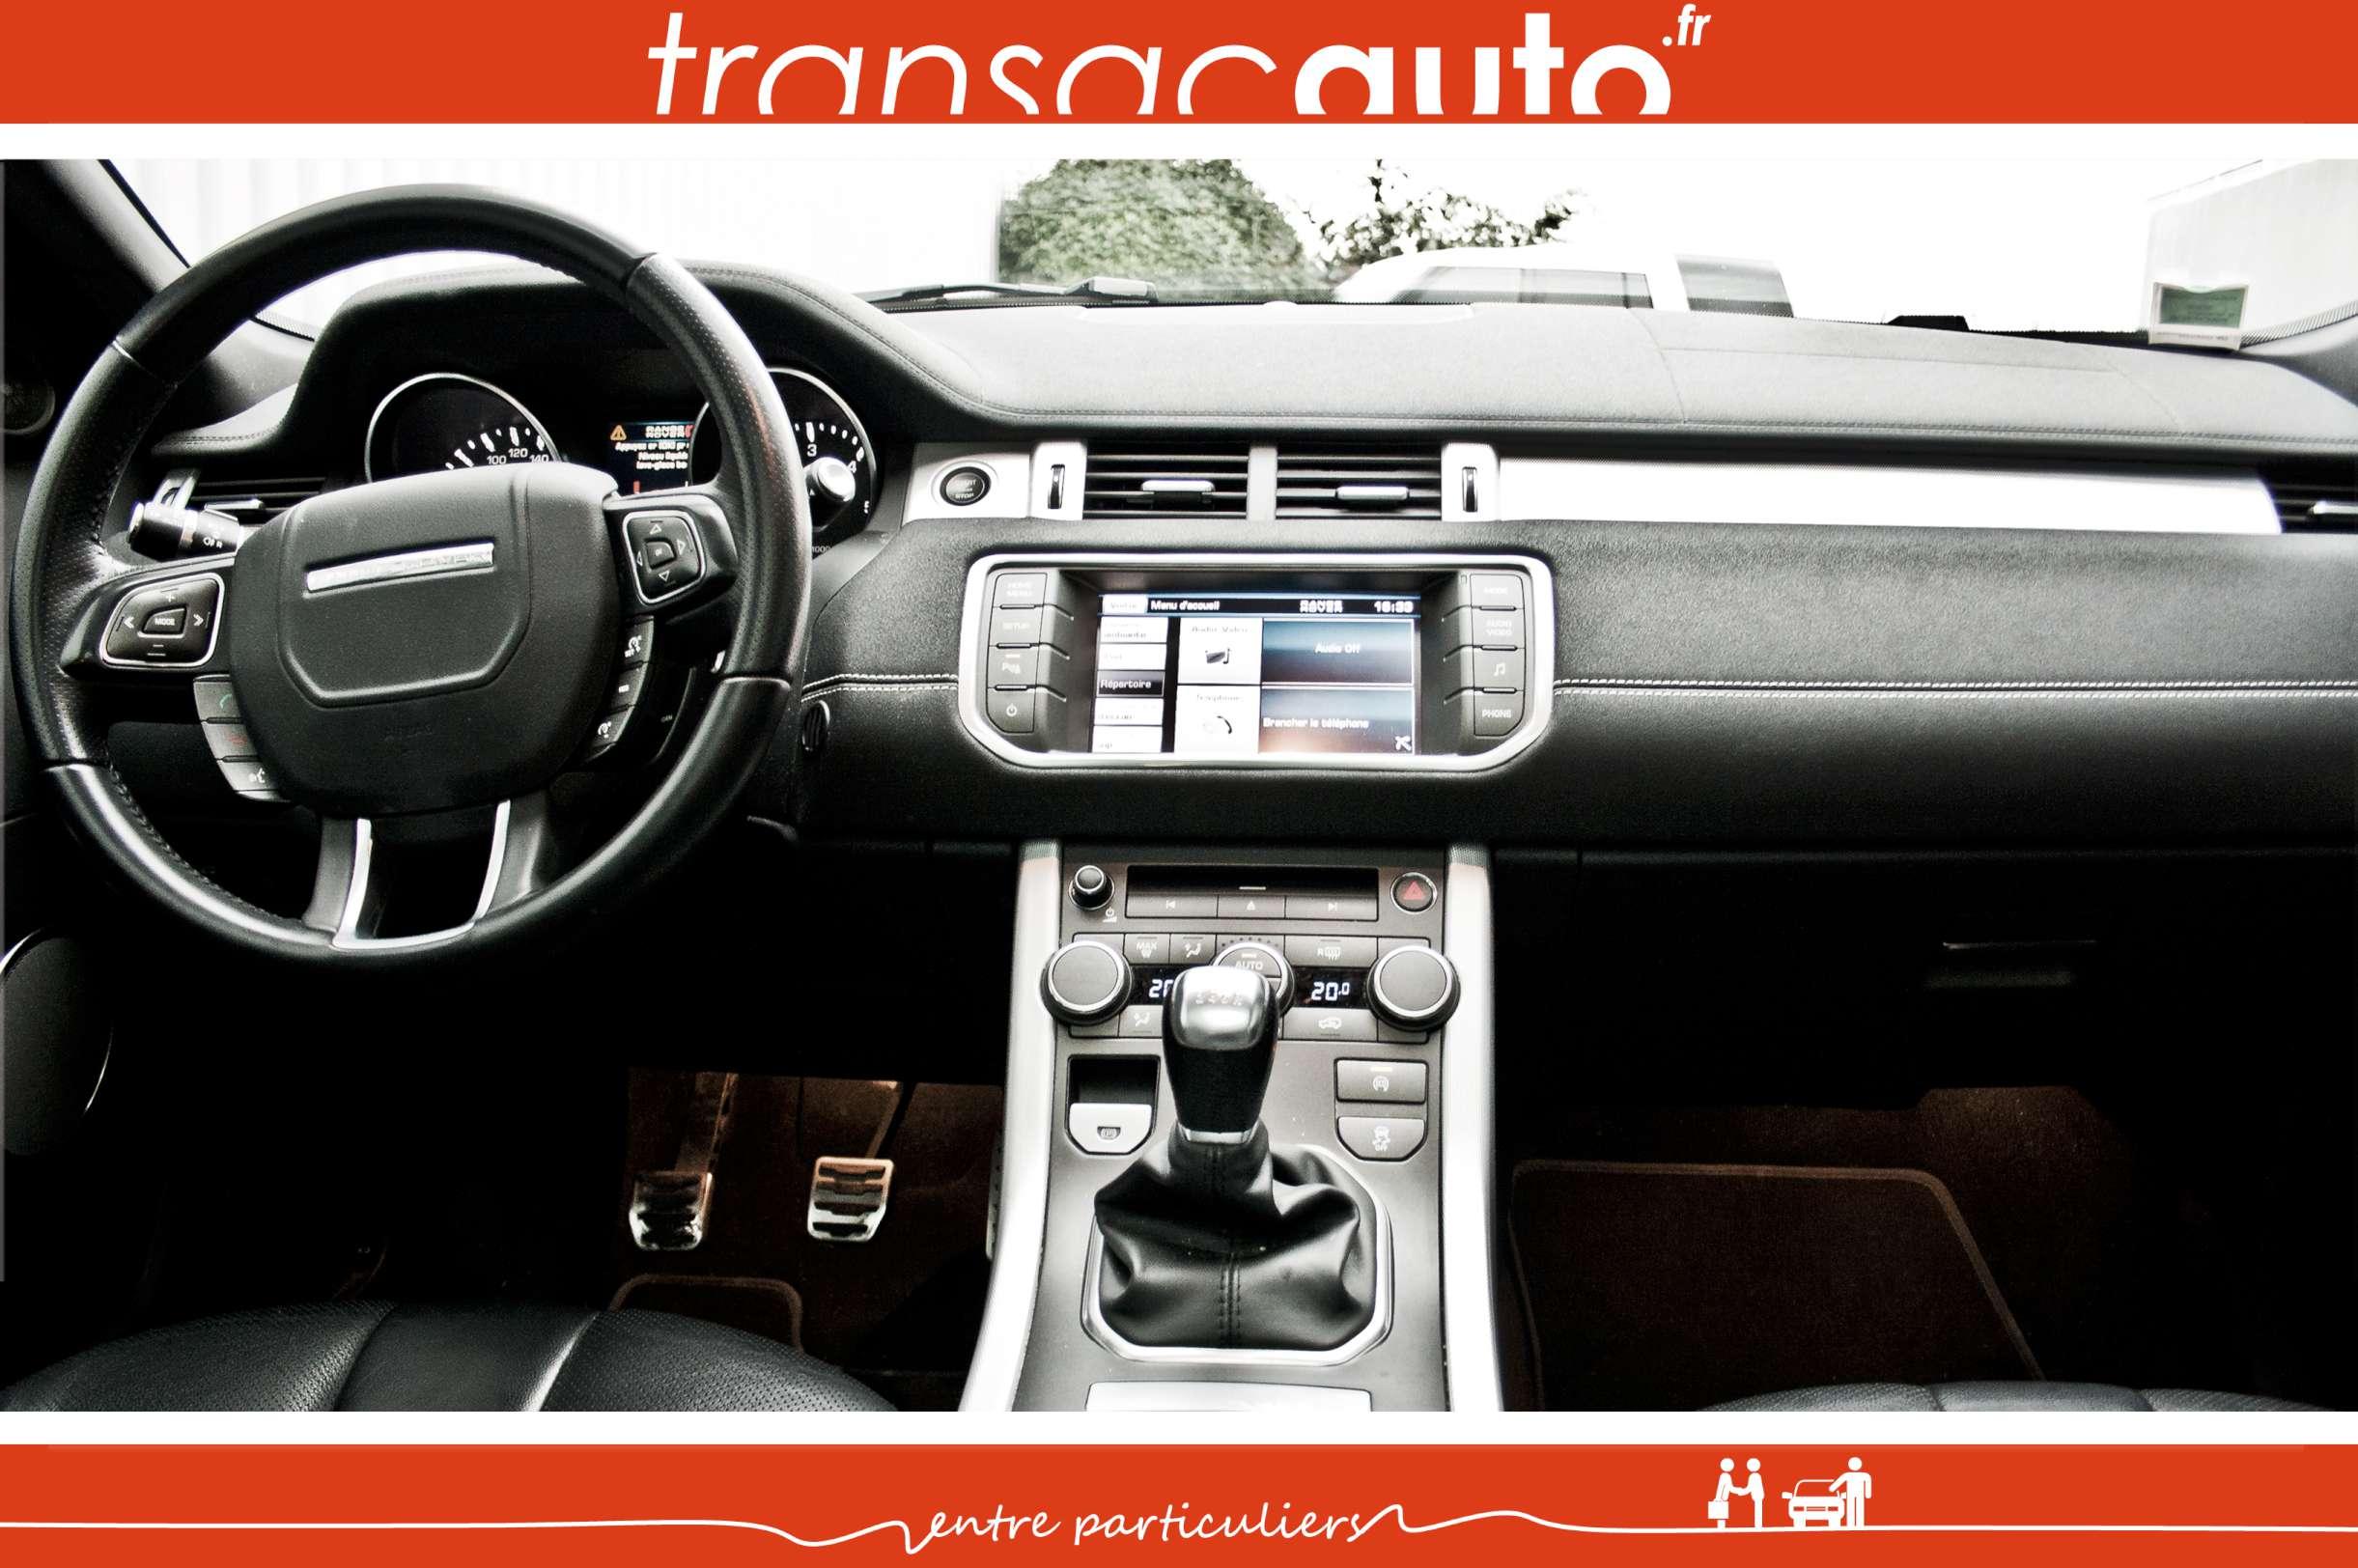 range rover evoque dynamic ed4 2 2l 150cv 2012. Black Bedroom Furniture Sets. Home Design Ideas